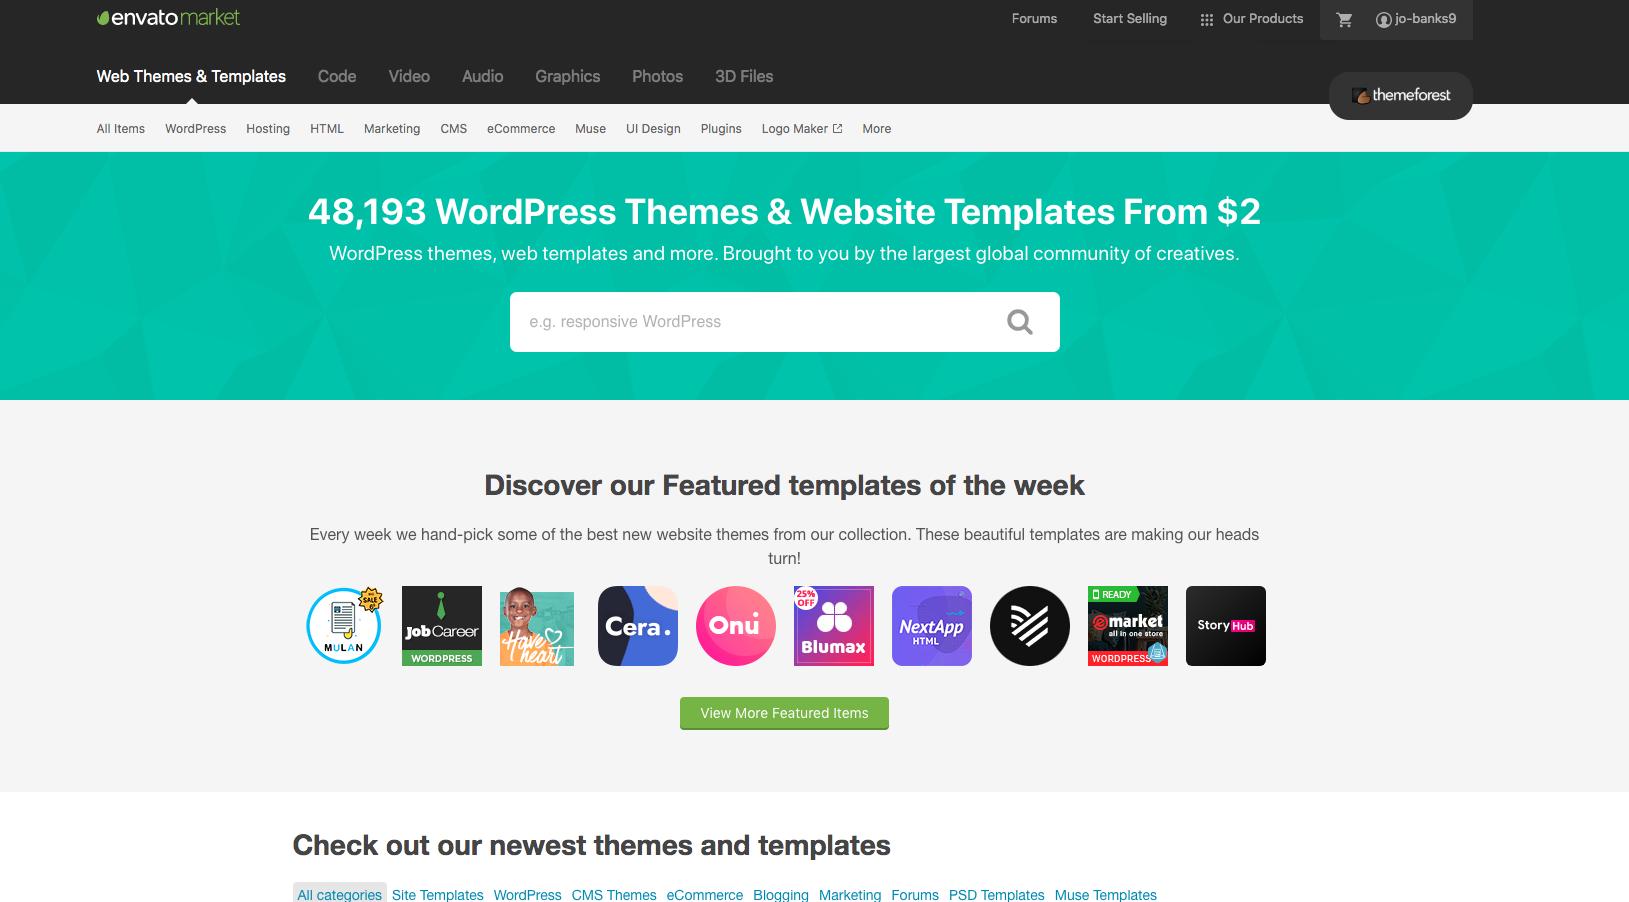 Themeforest: avis sur la marketplace de thèmes et de plugins WordPress